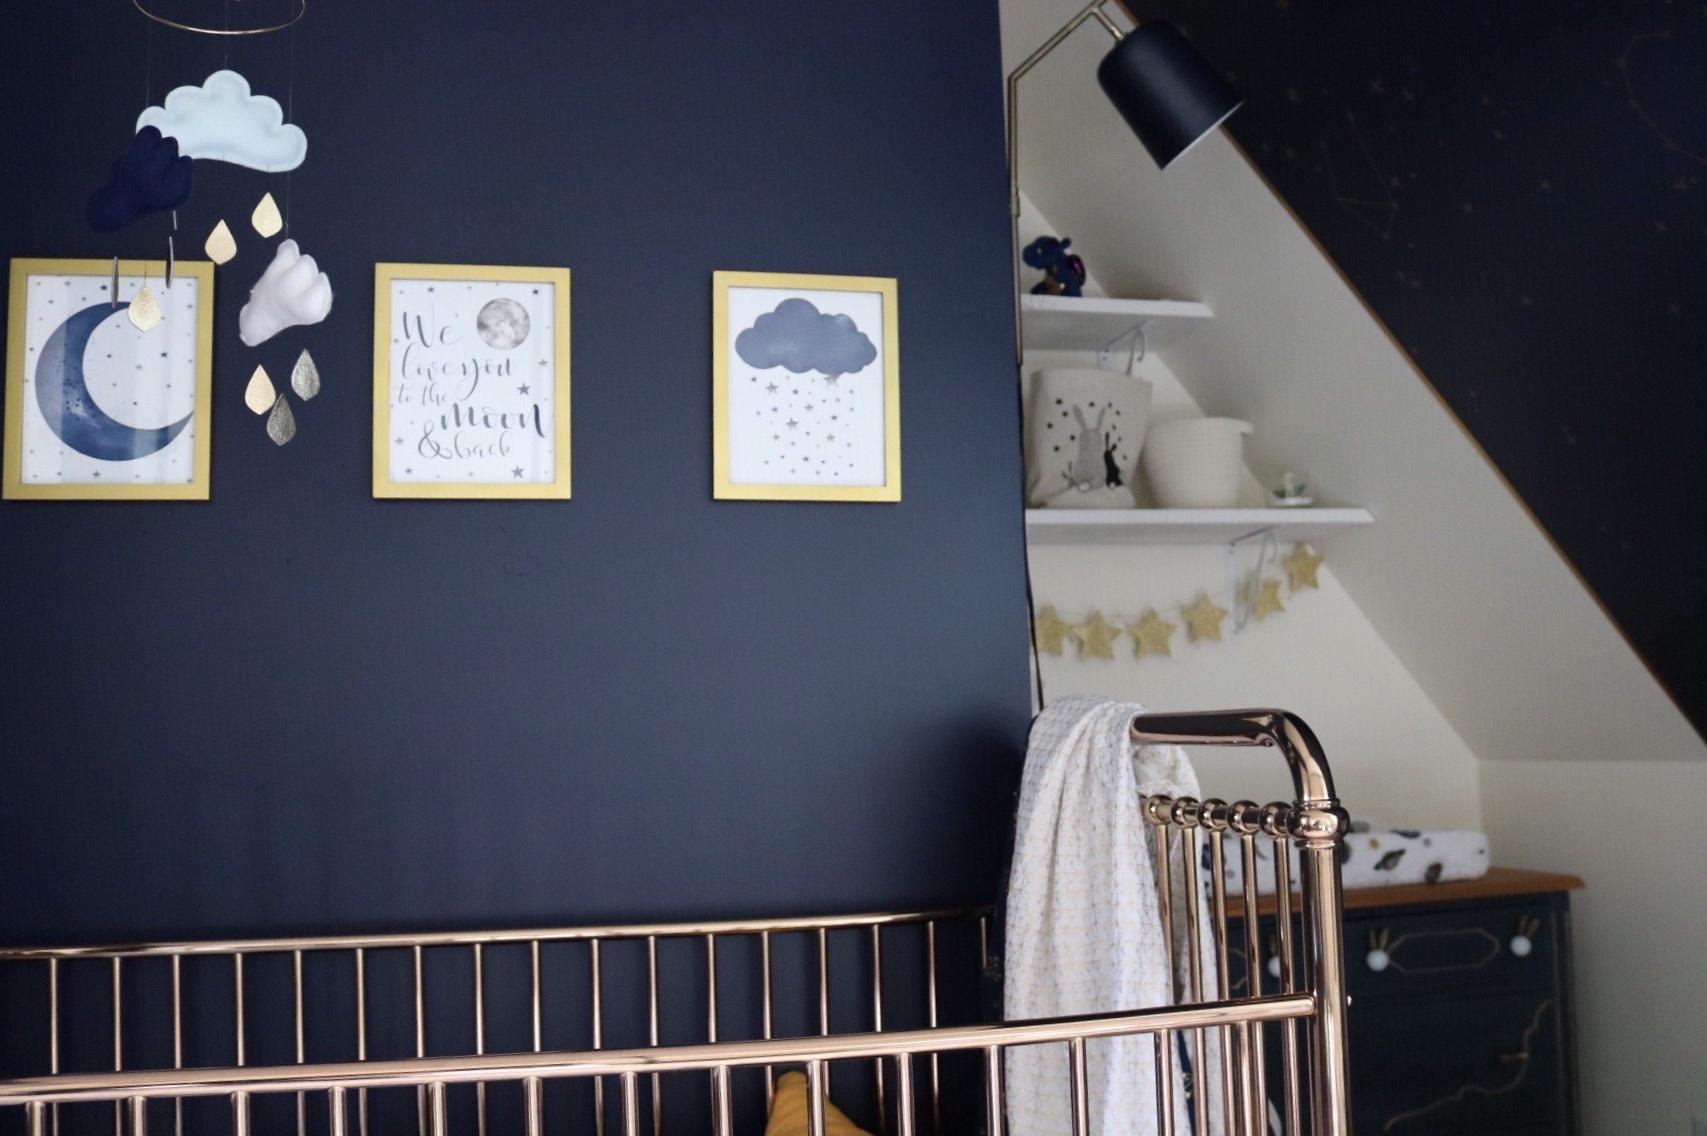 Réalisation design d'intérieur résidentielle La nocturne chambre bébé cadre ETC 2019